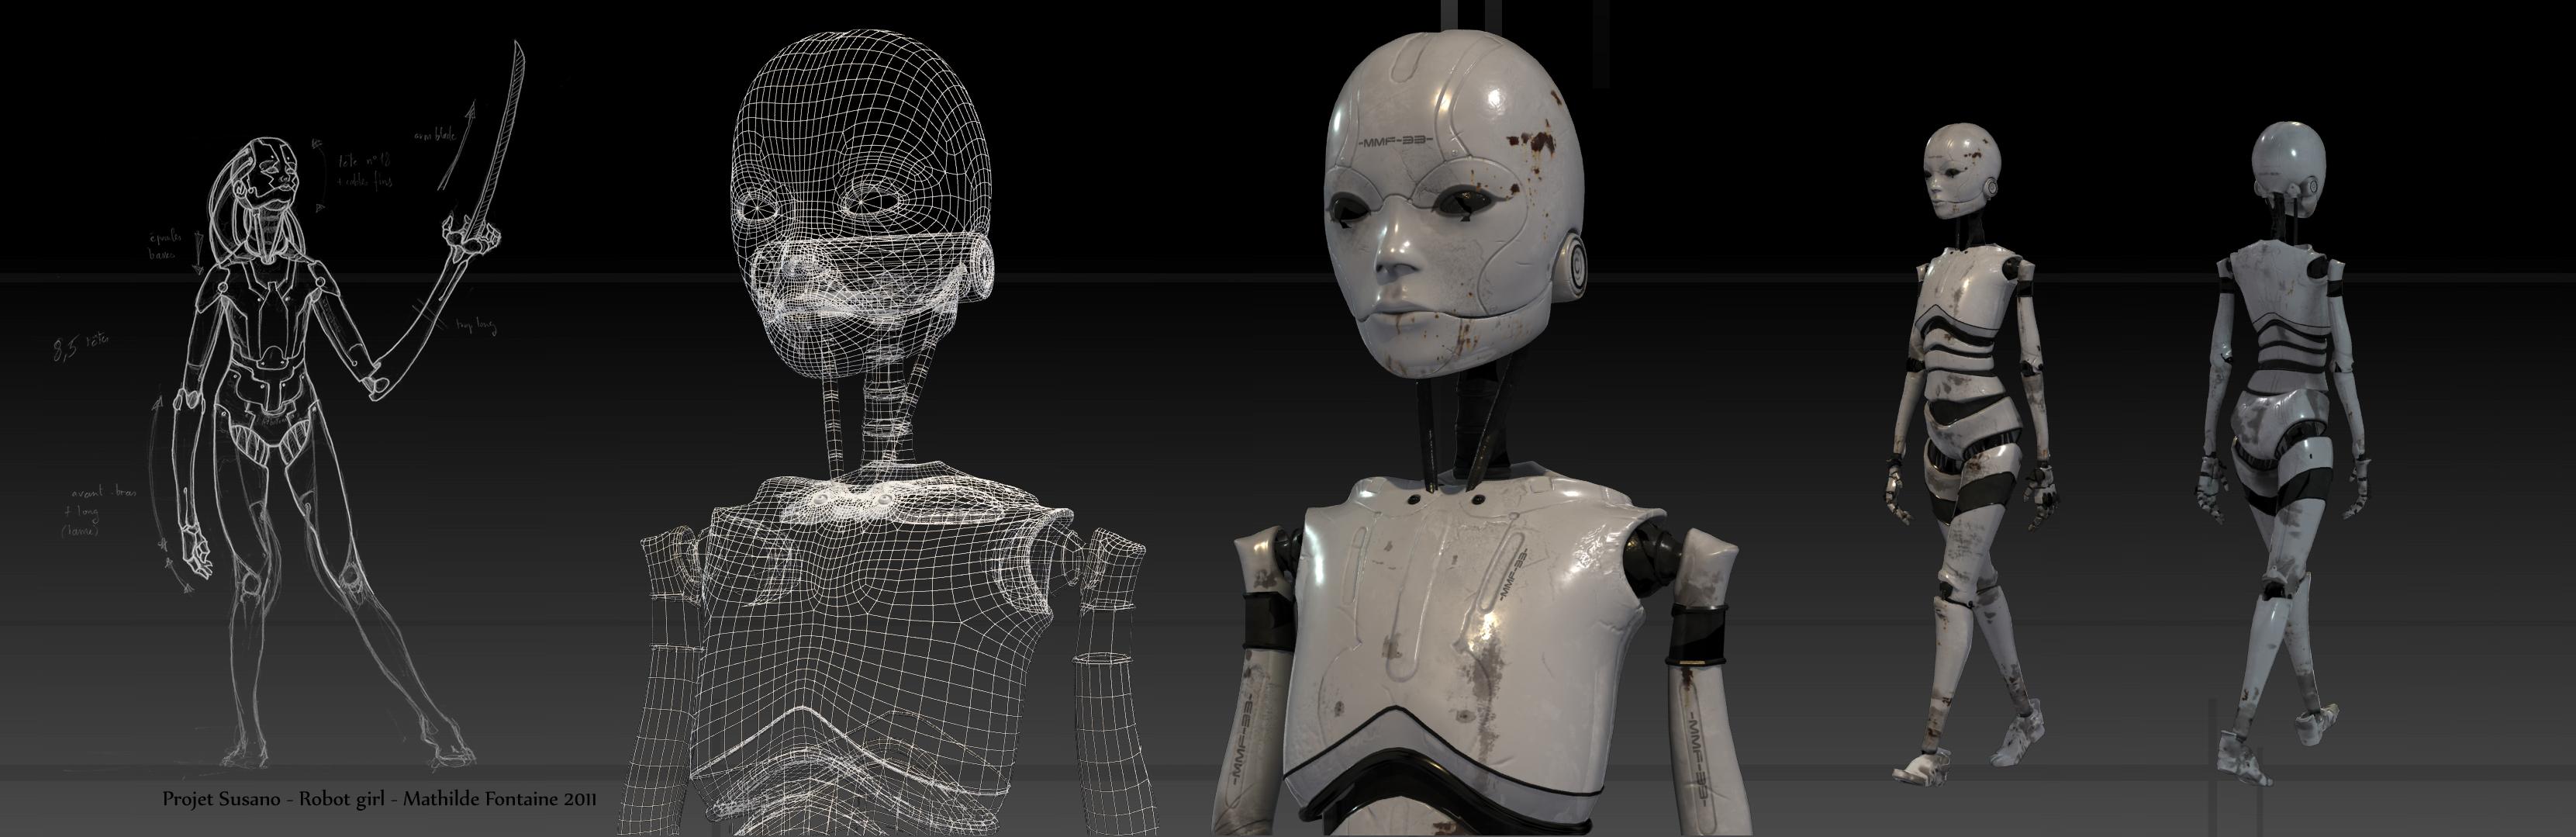 робот девочка картинки